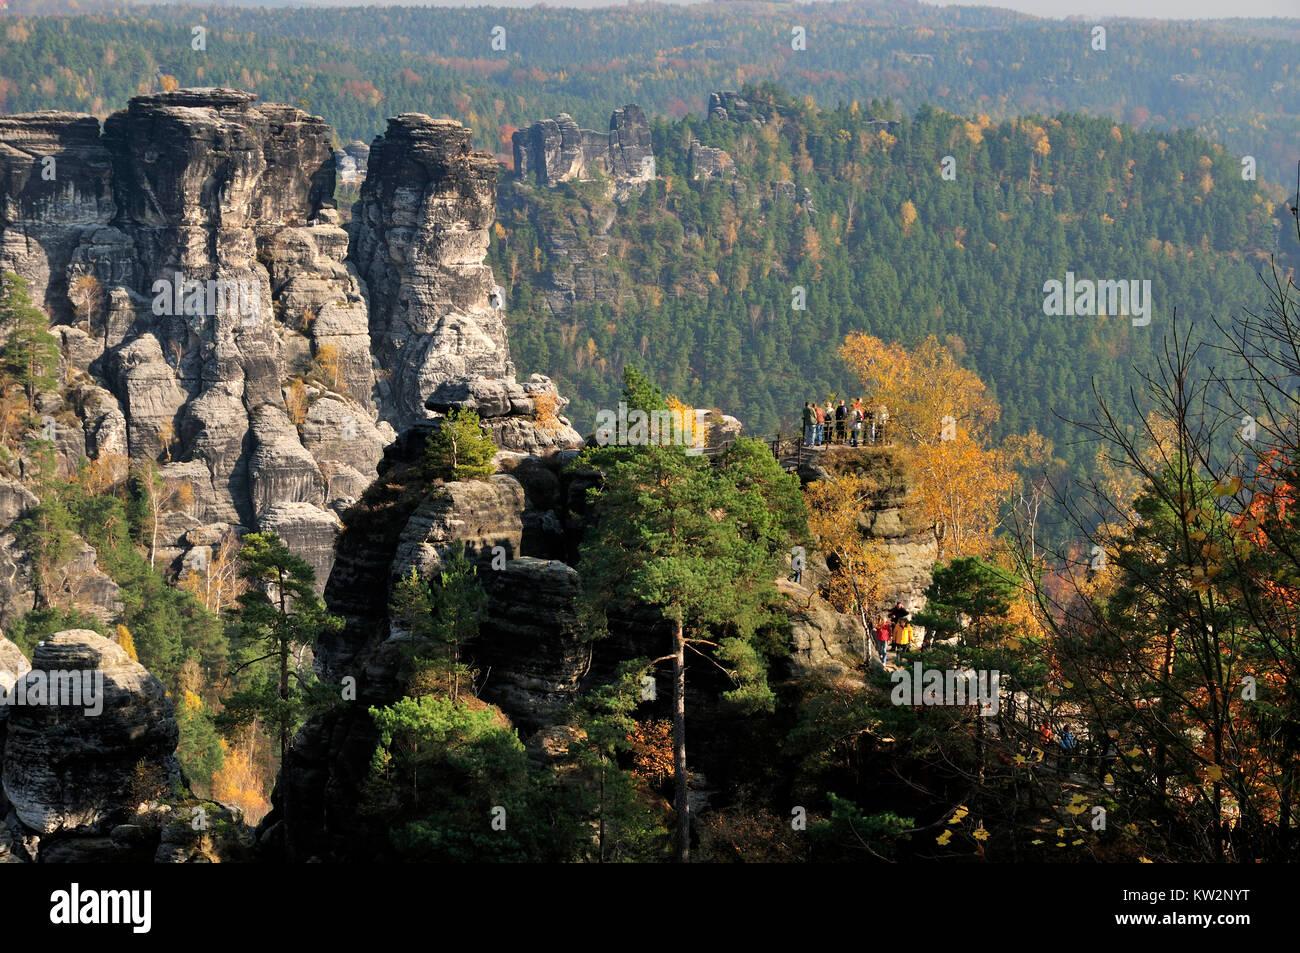 Vantage point Ferdinandsstein in the bastion massif, Elbsandsteingebirge, Aussichtspunkt Ferdinandsstein im Basteimassiv - Stock Image